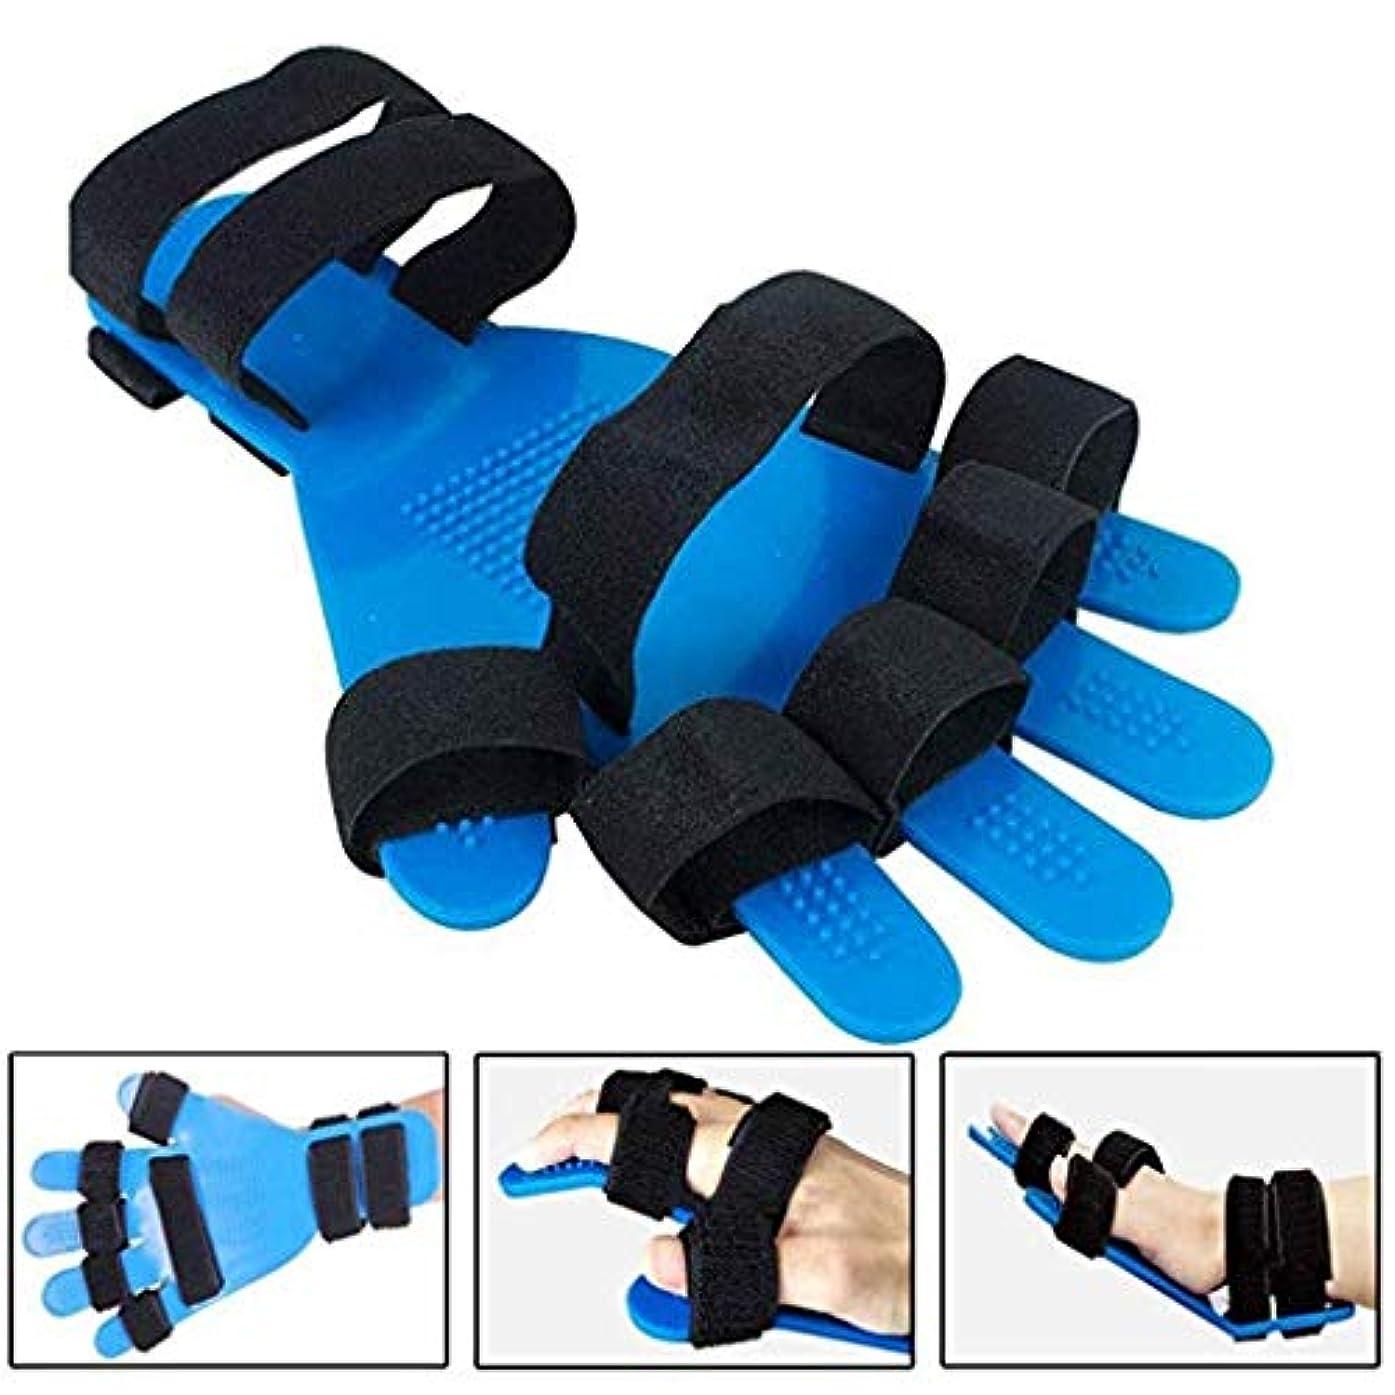 失礼単に租界指リハビリ訓練器具 指トレーニングボード 指の添え木指板 調節可能なフィンガー 左右手通用 脳卒中片麻痺患者の腱の運動のための手首手首リハビリテーション訓練装置